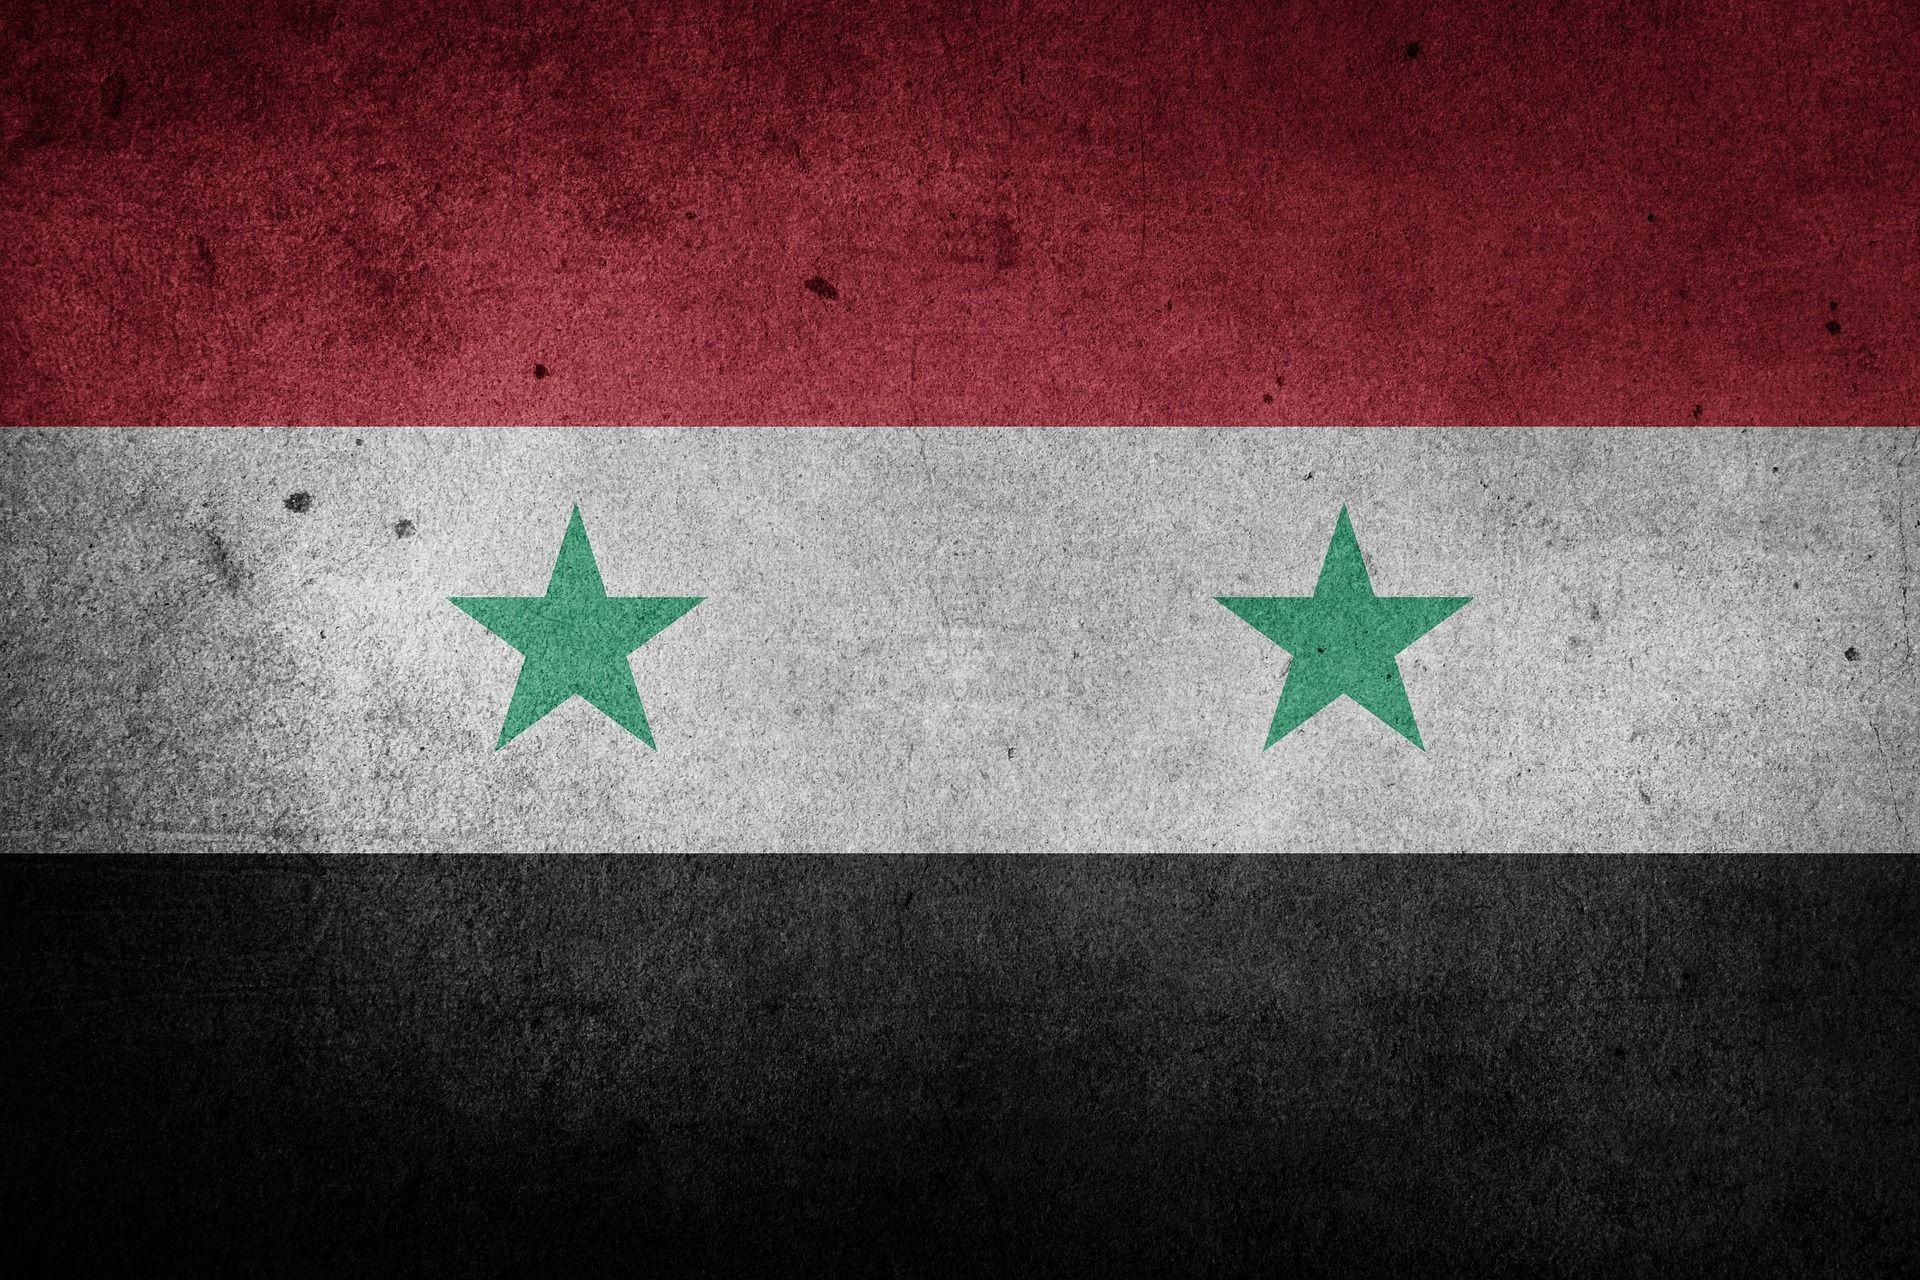 Zagrebačkom srednjoškolcu sa sirijskom putovnicom zabranili ulazak u Sloveniju